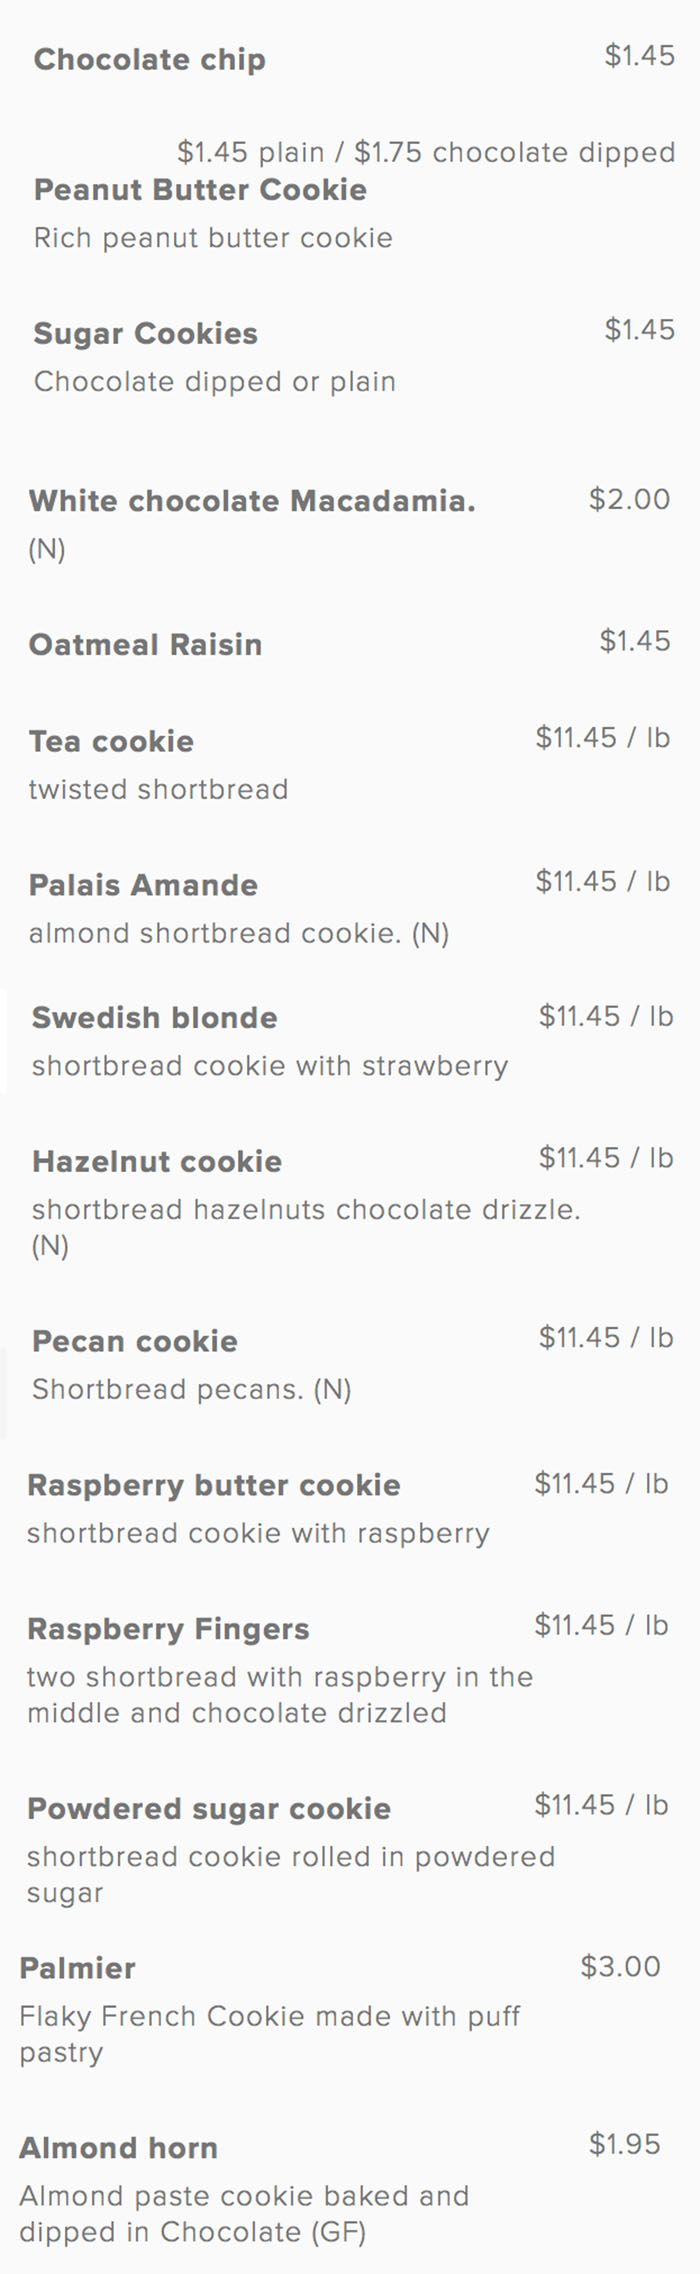 Gourmandise bakery menu - cookies